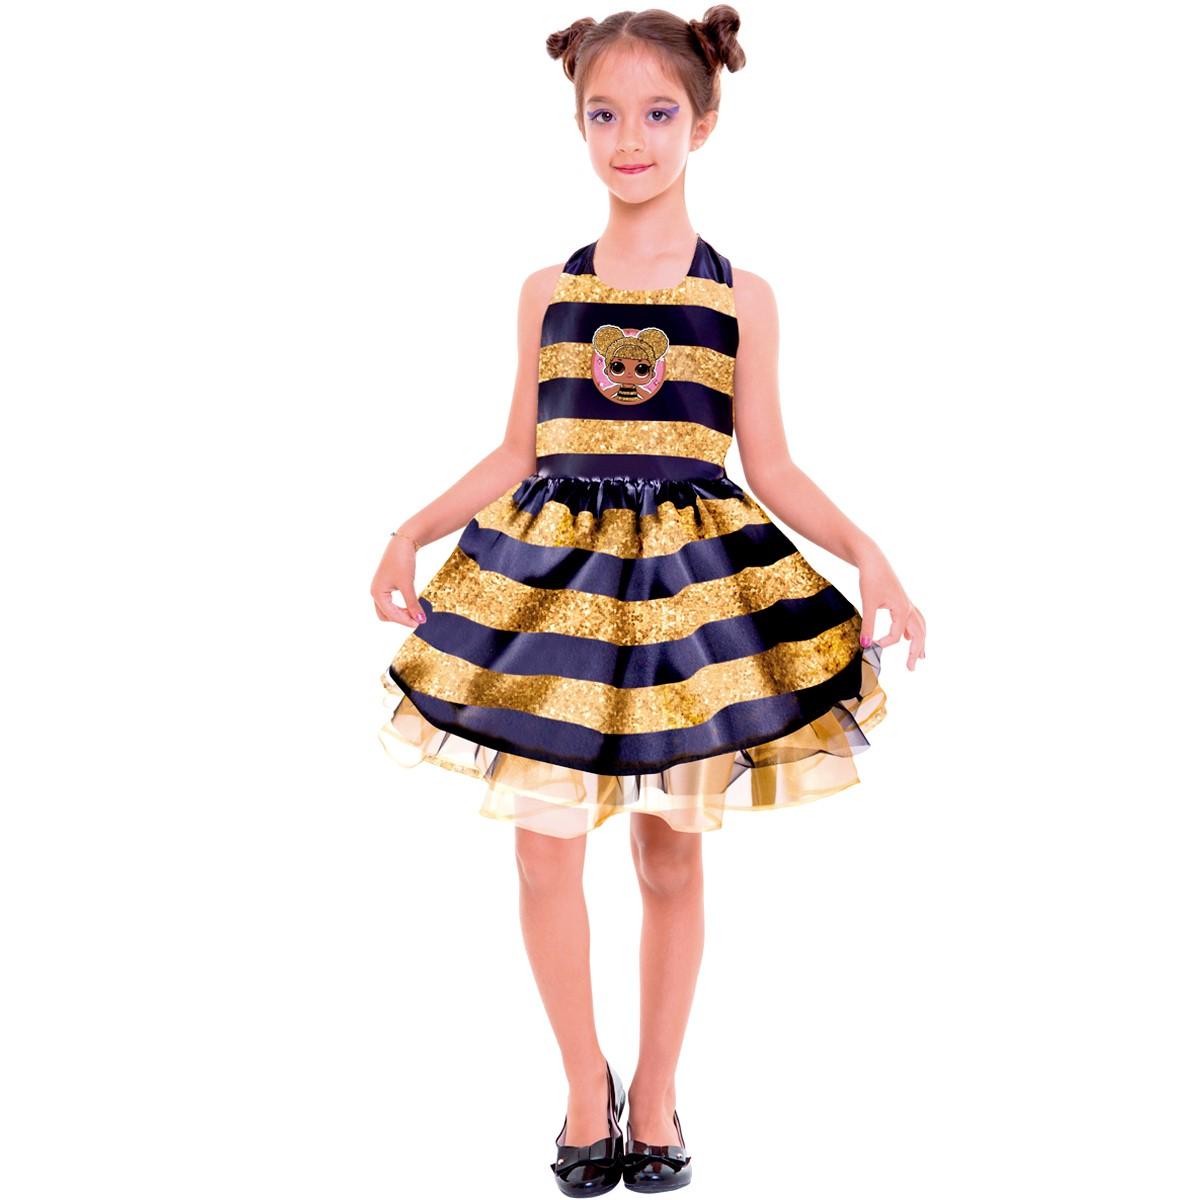 Fantasia LOL Queen Bee Clássica M 113392.6 - Regina